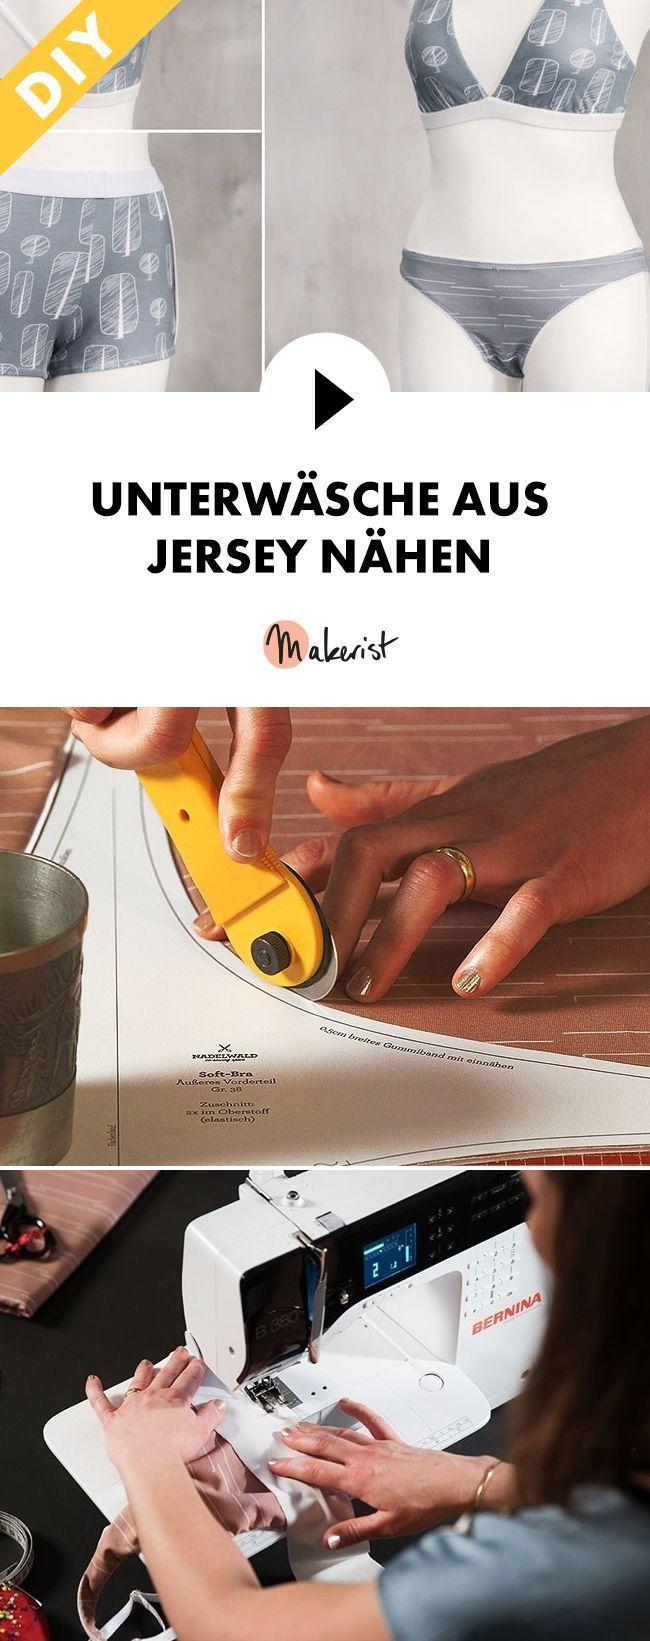 Unterwäsche aus Jersey selber nähen lernen - Schritt für Schritt erklärt im Video-Kurs via Makerist.de